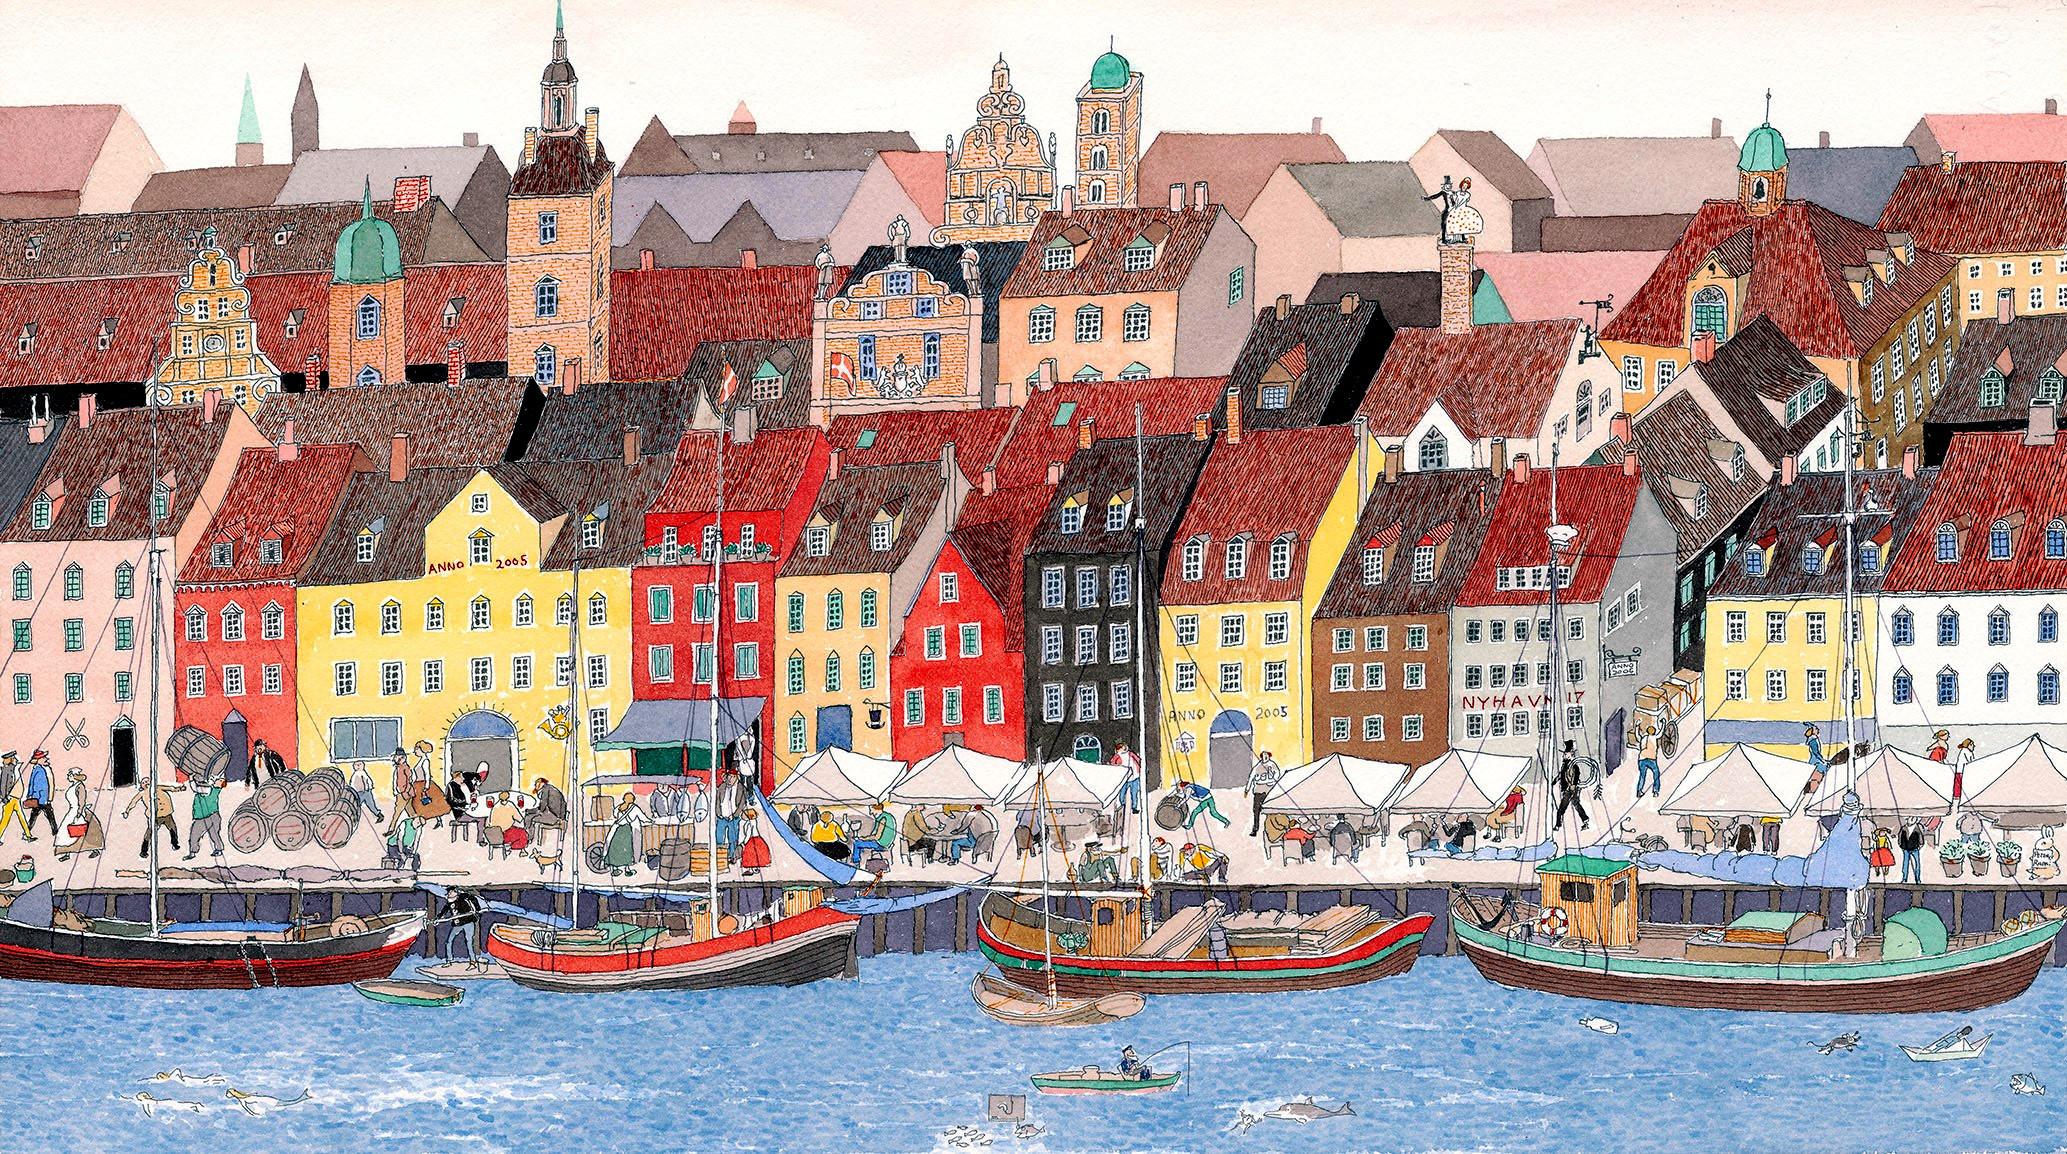 『旅の絵本Ⅵ デンマーク』2004年 (C)空想工房